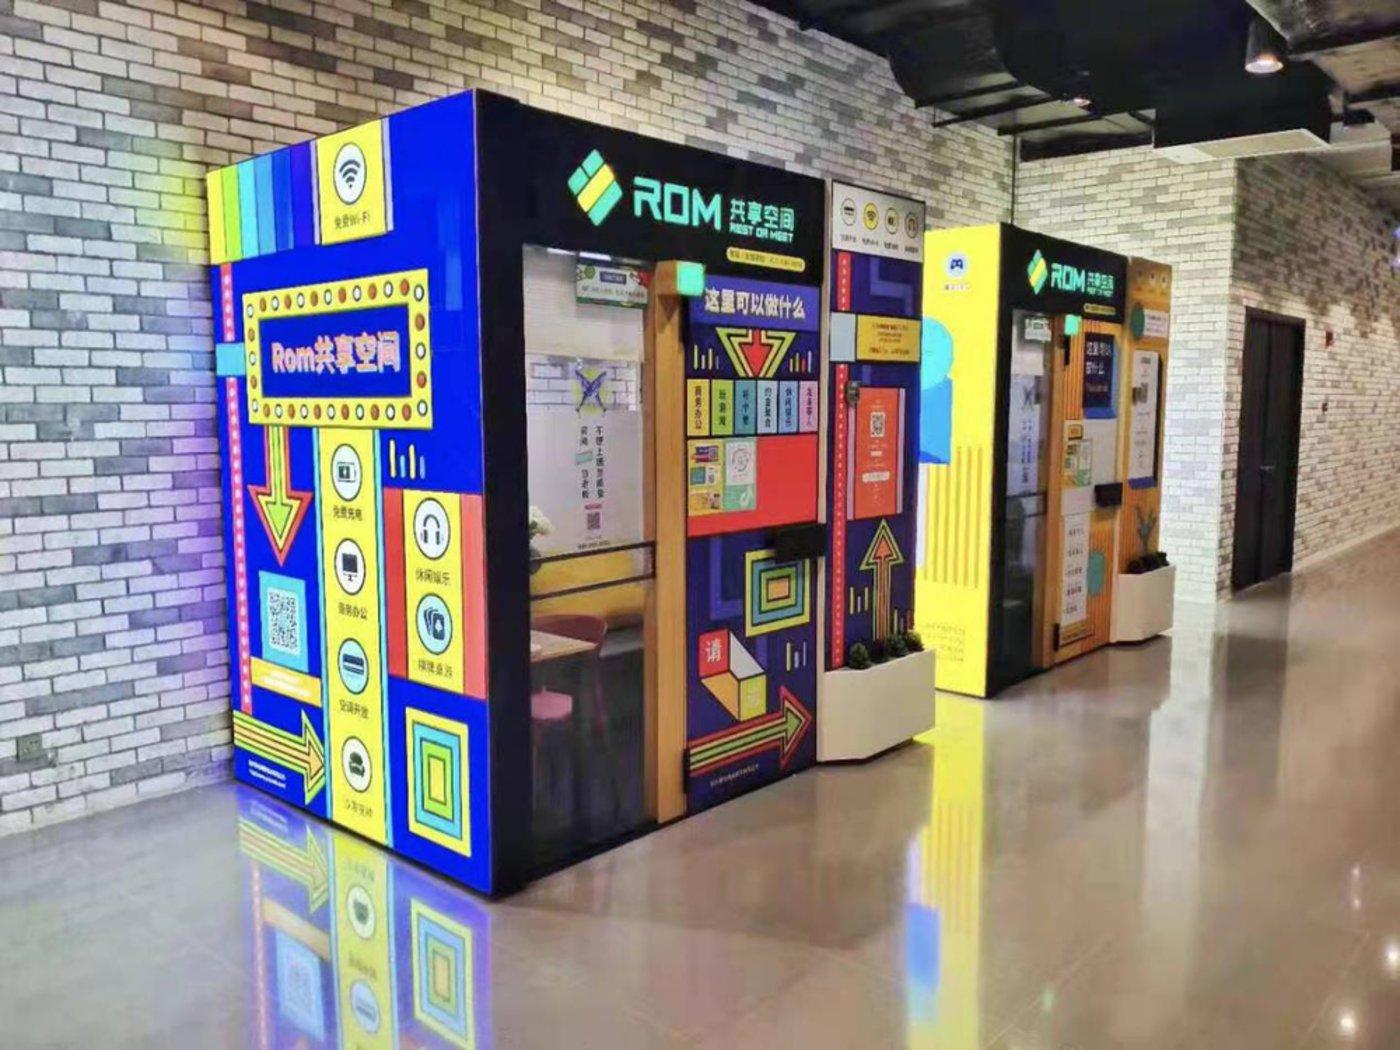 ROM空间场景(图源:ROM官方公众号)